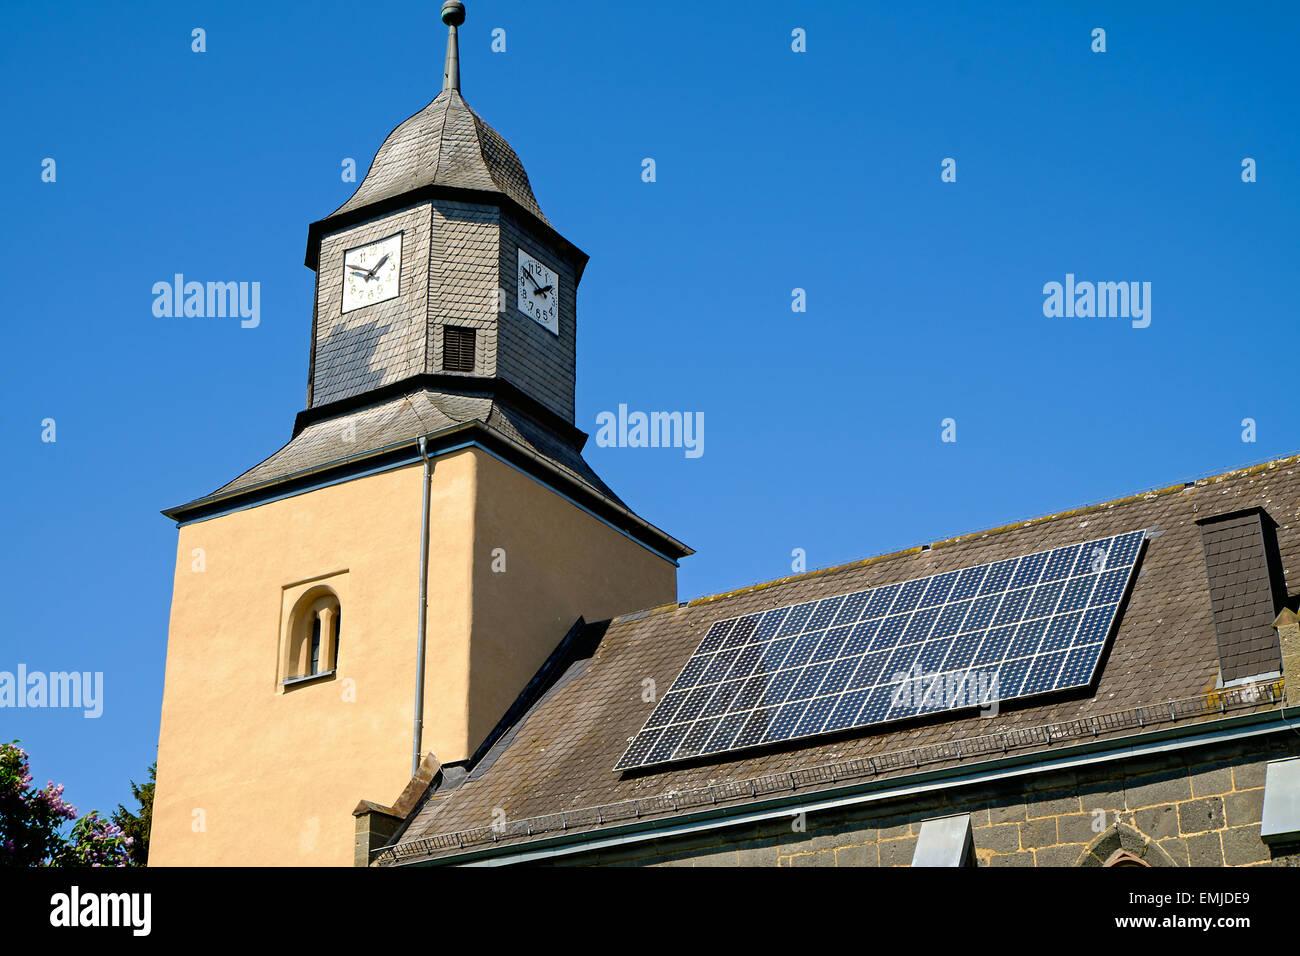 Una vieja iglesia con paneles solares en el techo Imagen De Stock